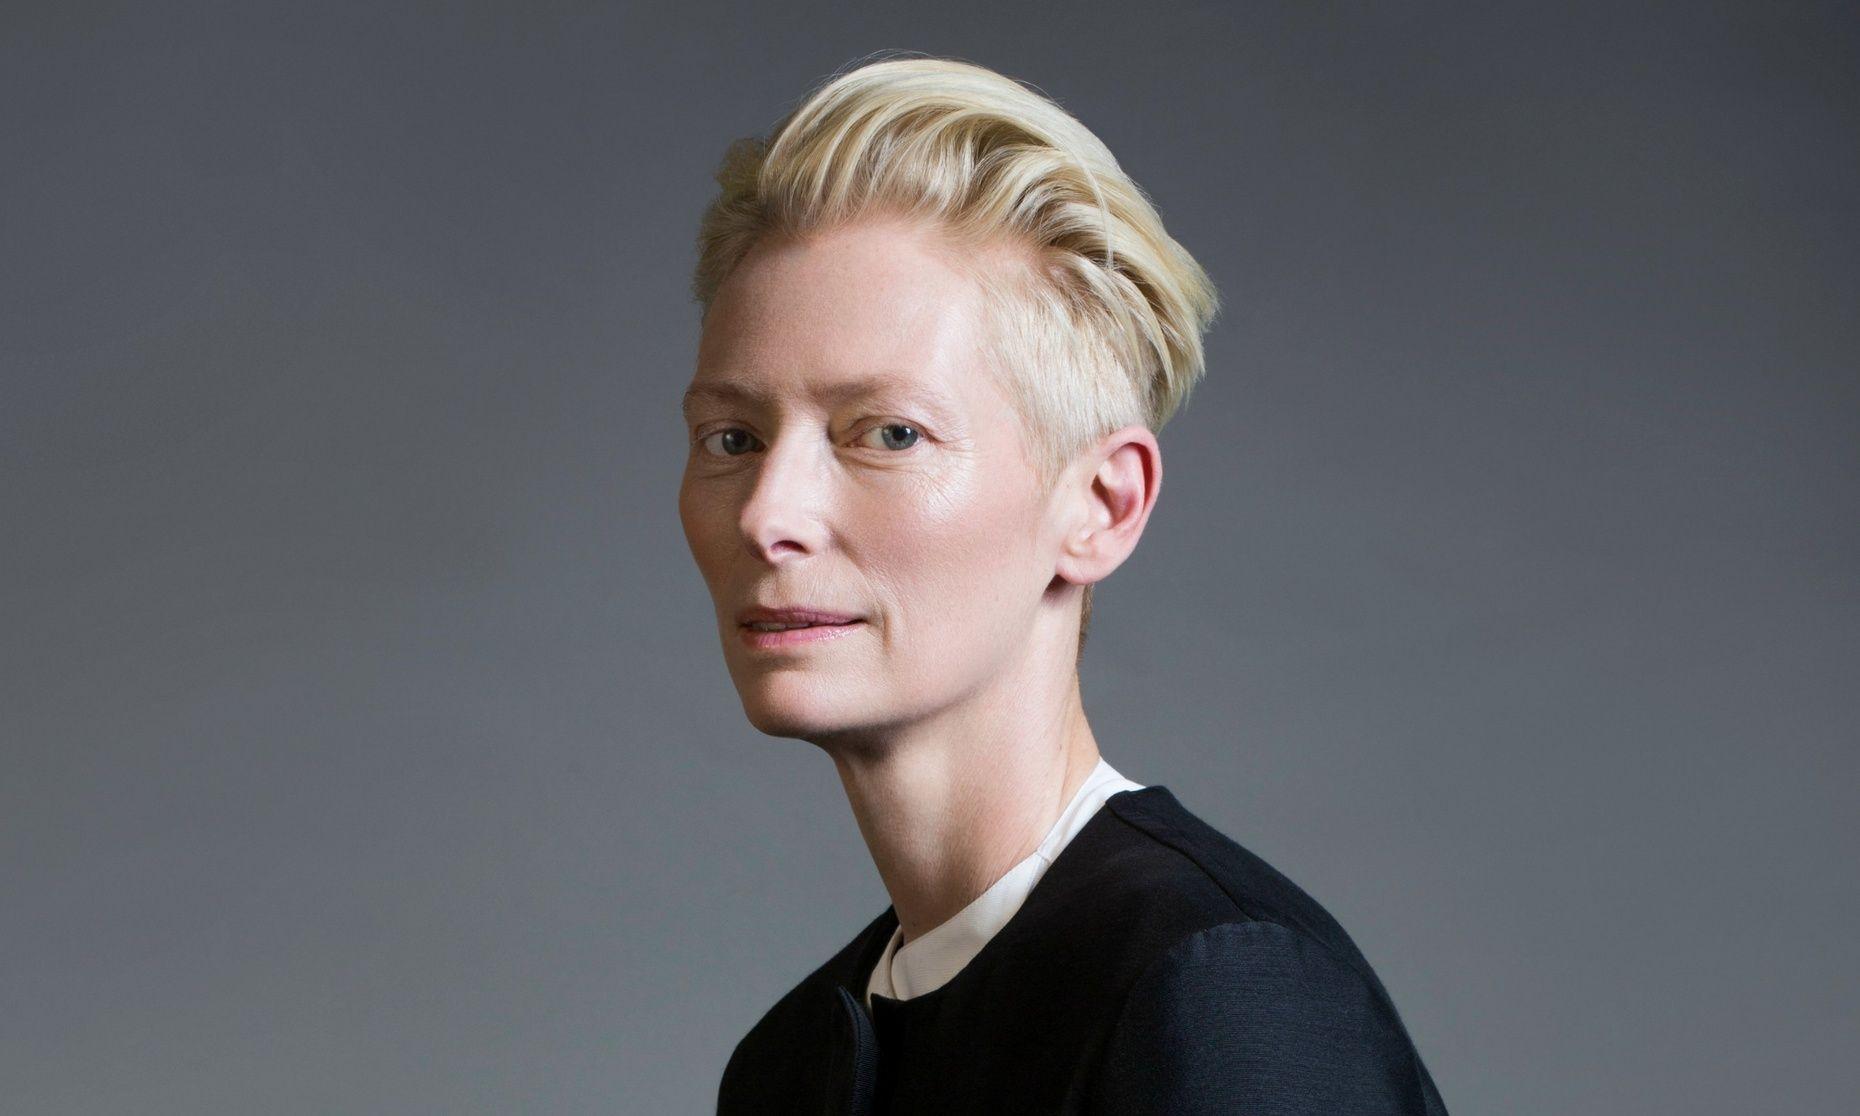 Wallpaper Face Model Singer Fashion Hair Tilda Swinton